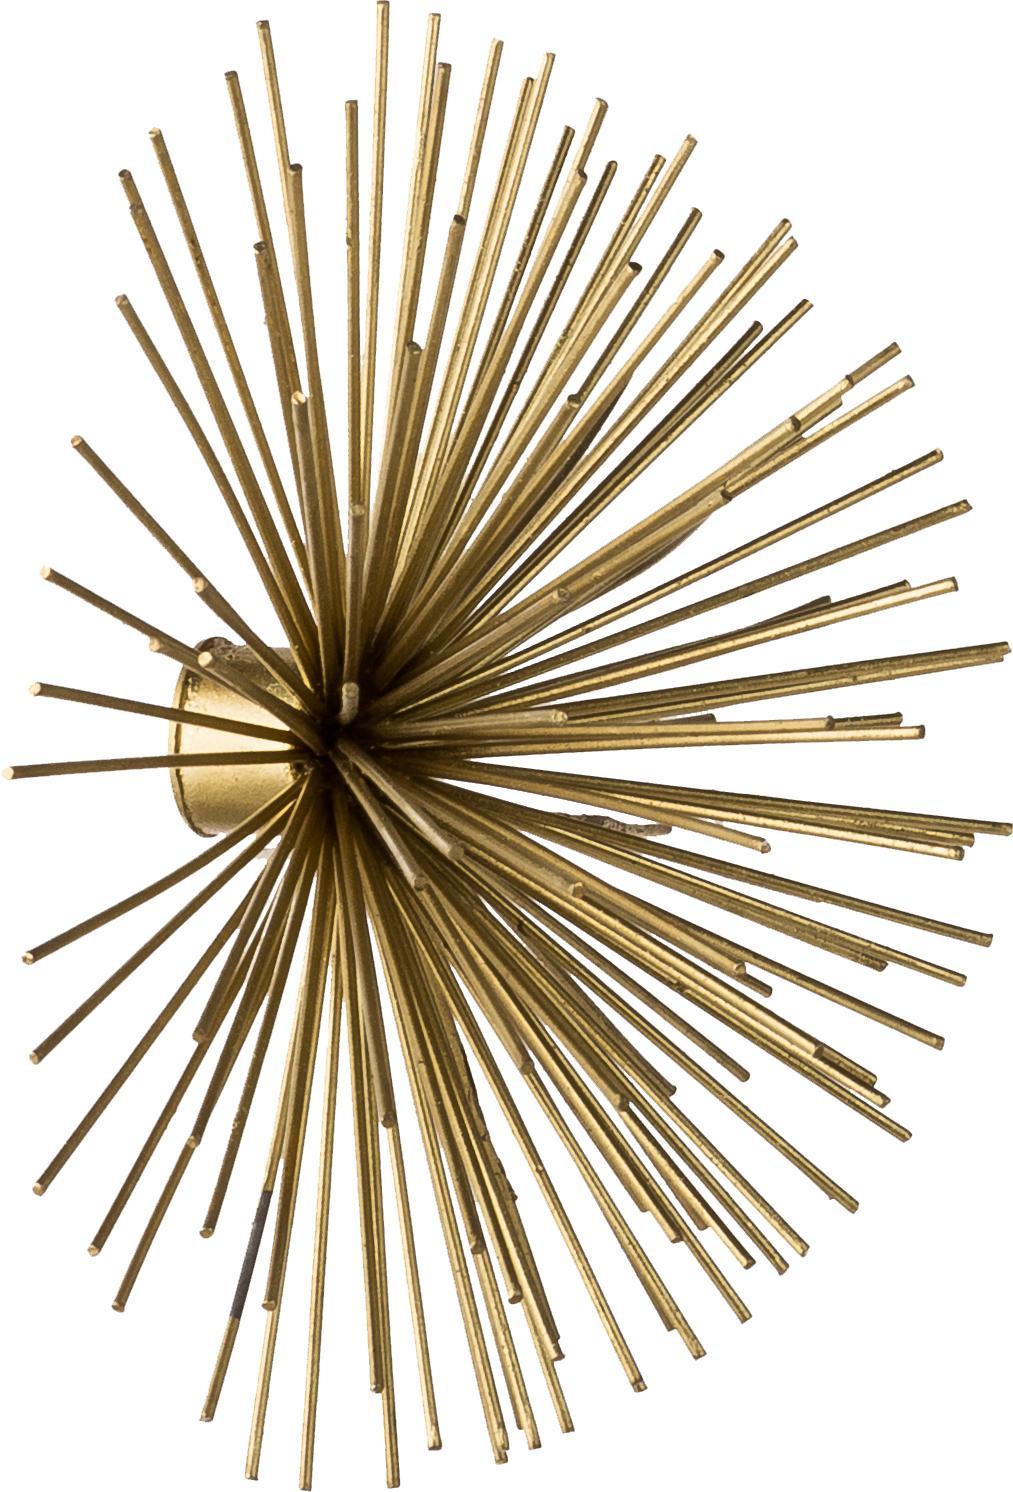 Wandobjectenset Spike van metaal, 3-delig, Metaal, Goudkleurig, Verschillende formaten